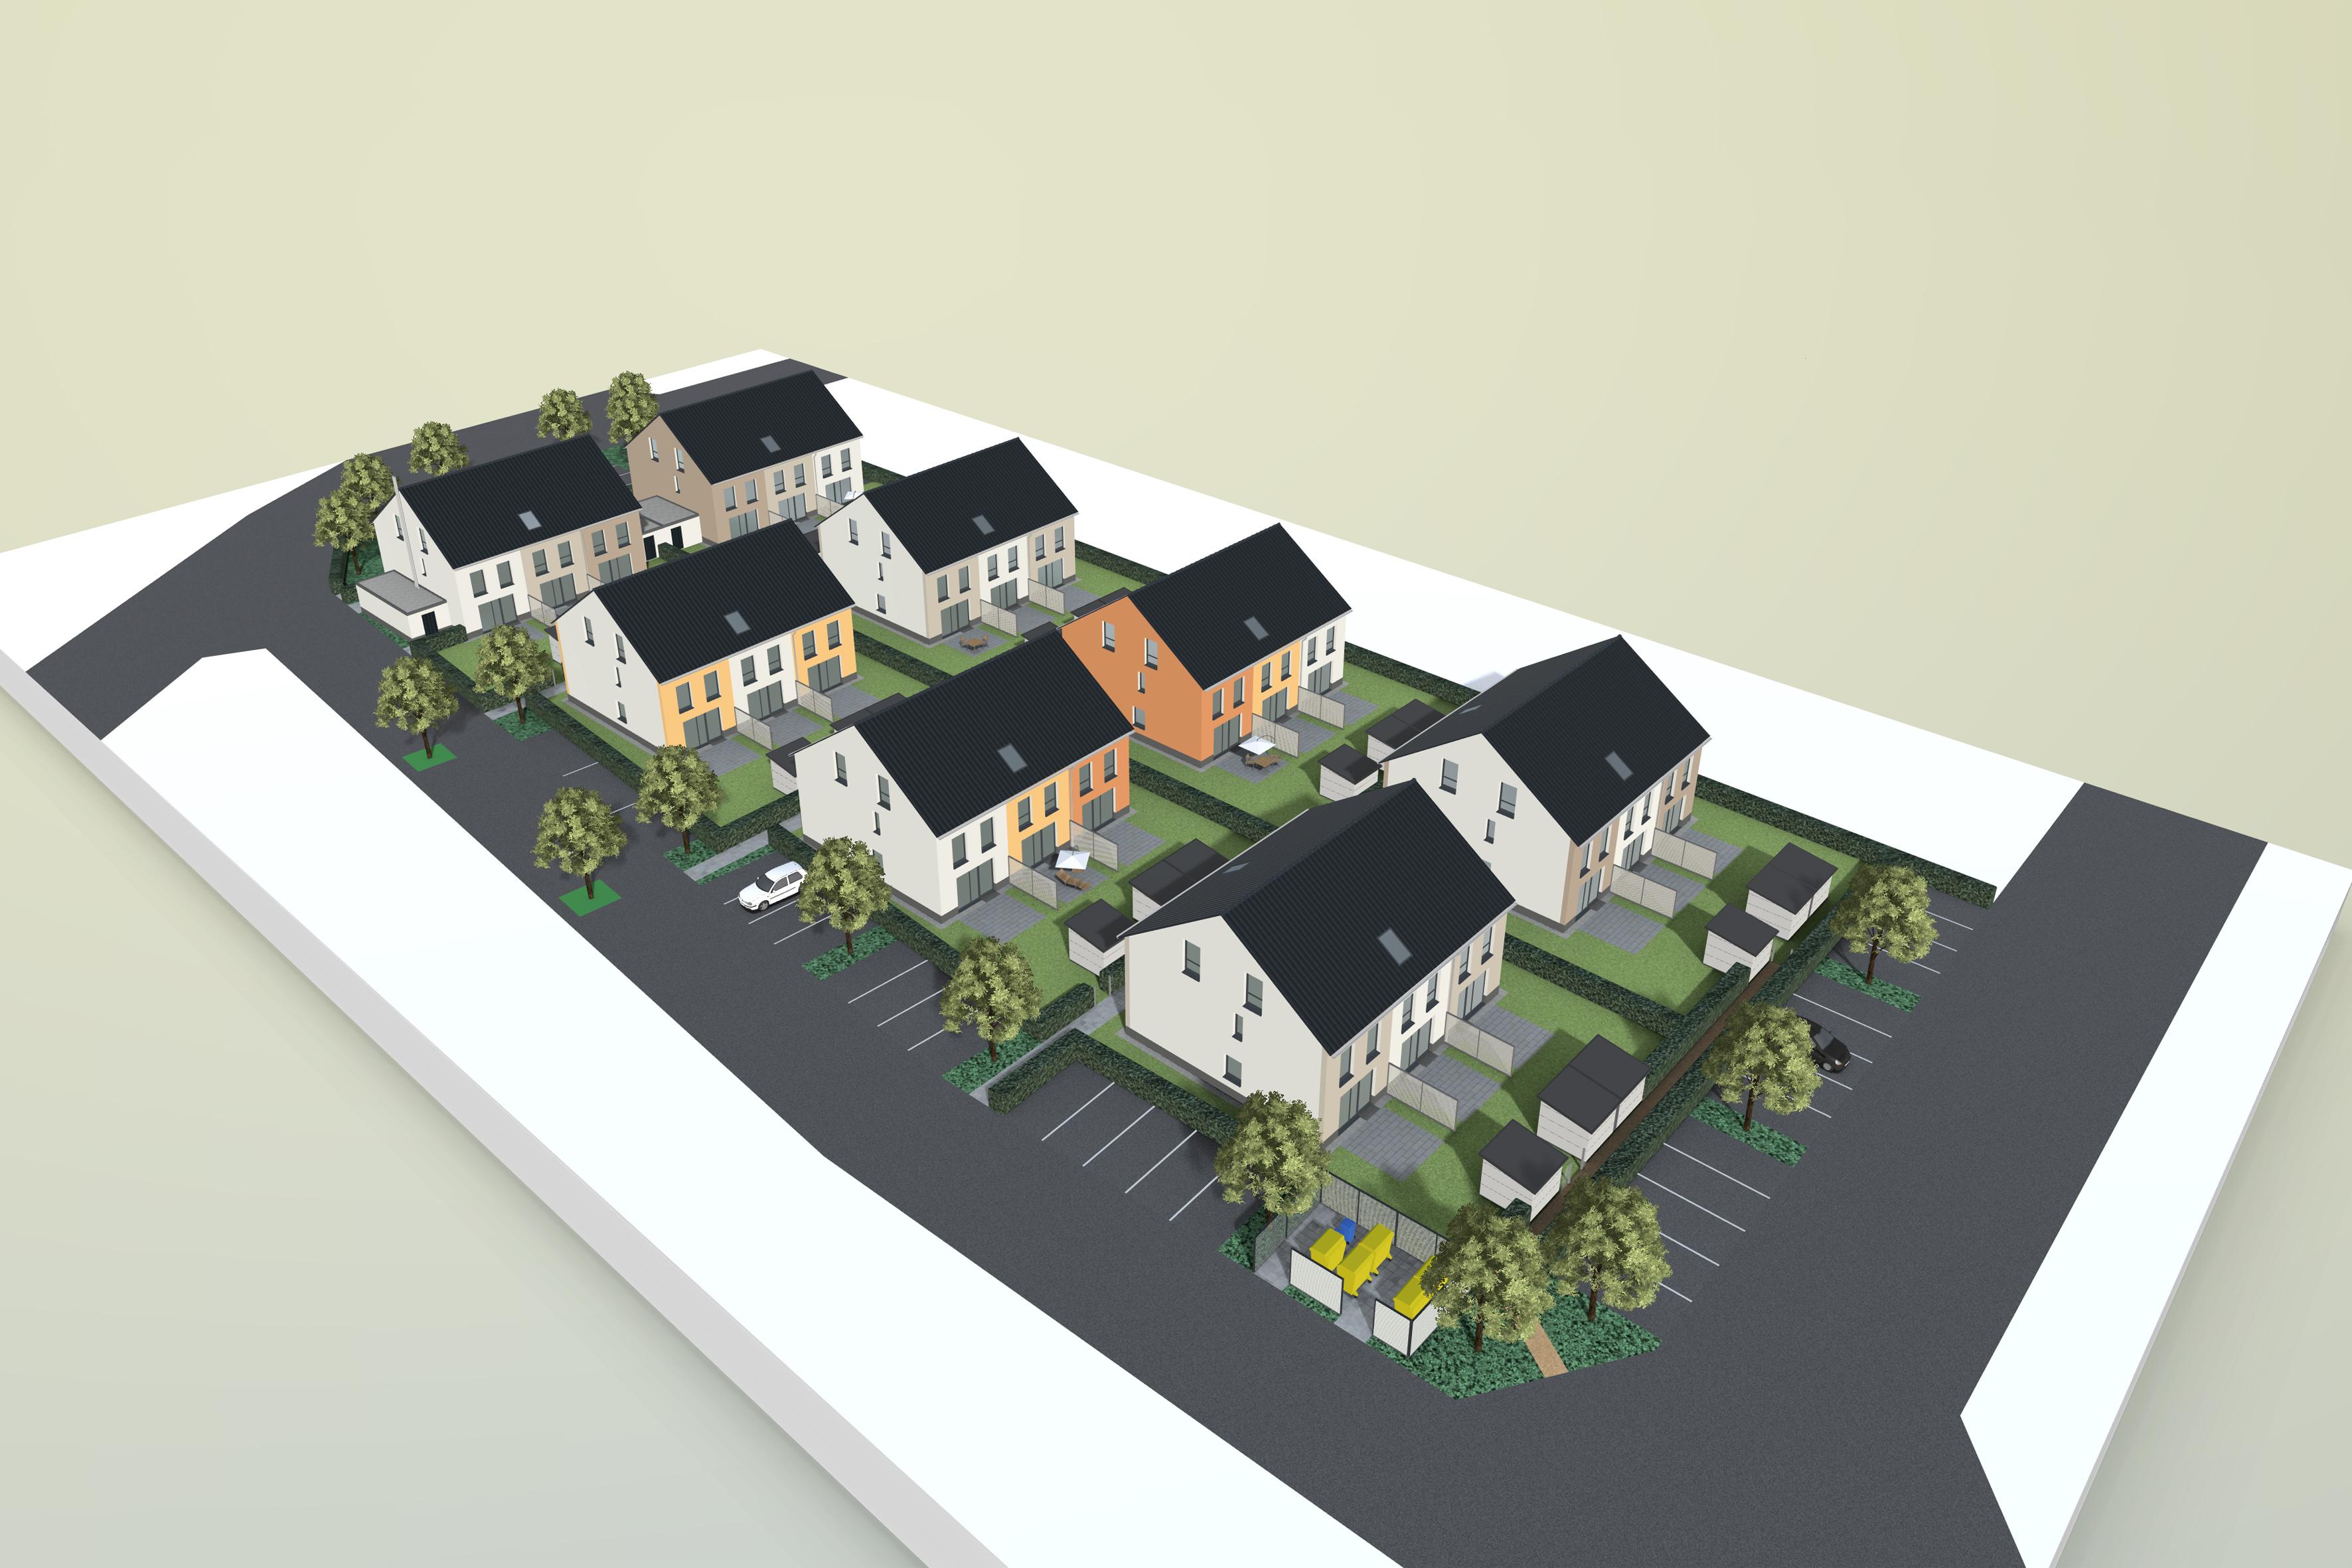 24 Häuser Im Wohnpark U201eAlter Hofu201c: Deutsche Reihenhaus Baut Zum Ersten Mal  In Seligenstadt Und Investiert Dabei 5,5 Millionen Euro